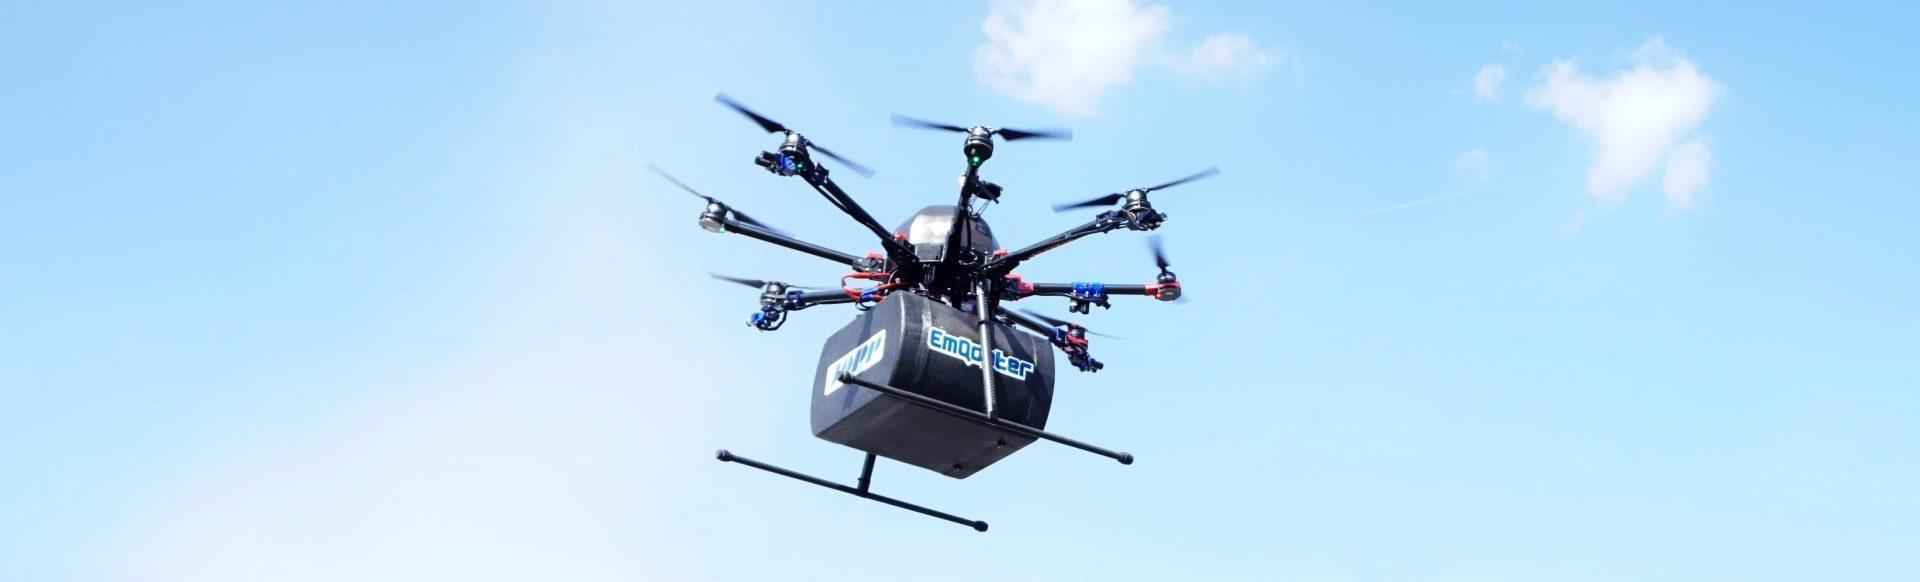 Lieferdrohne, Drohne